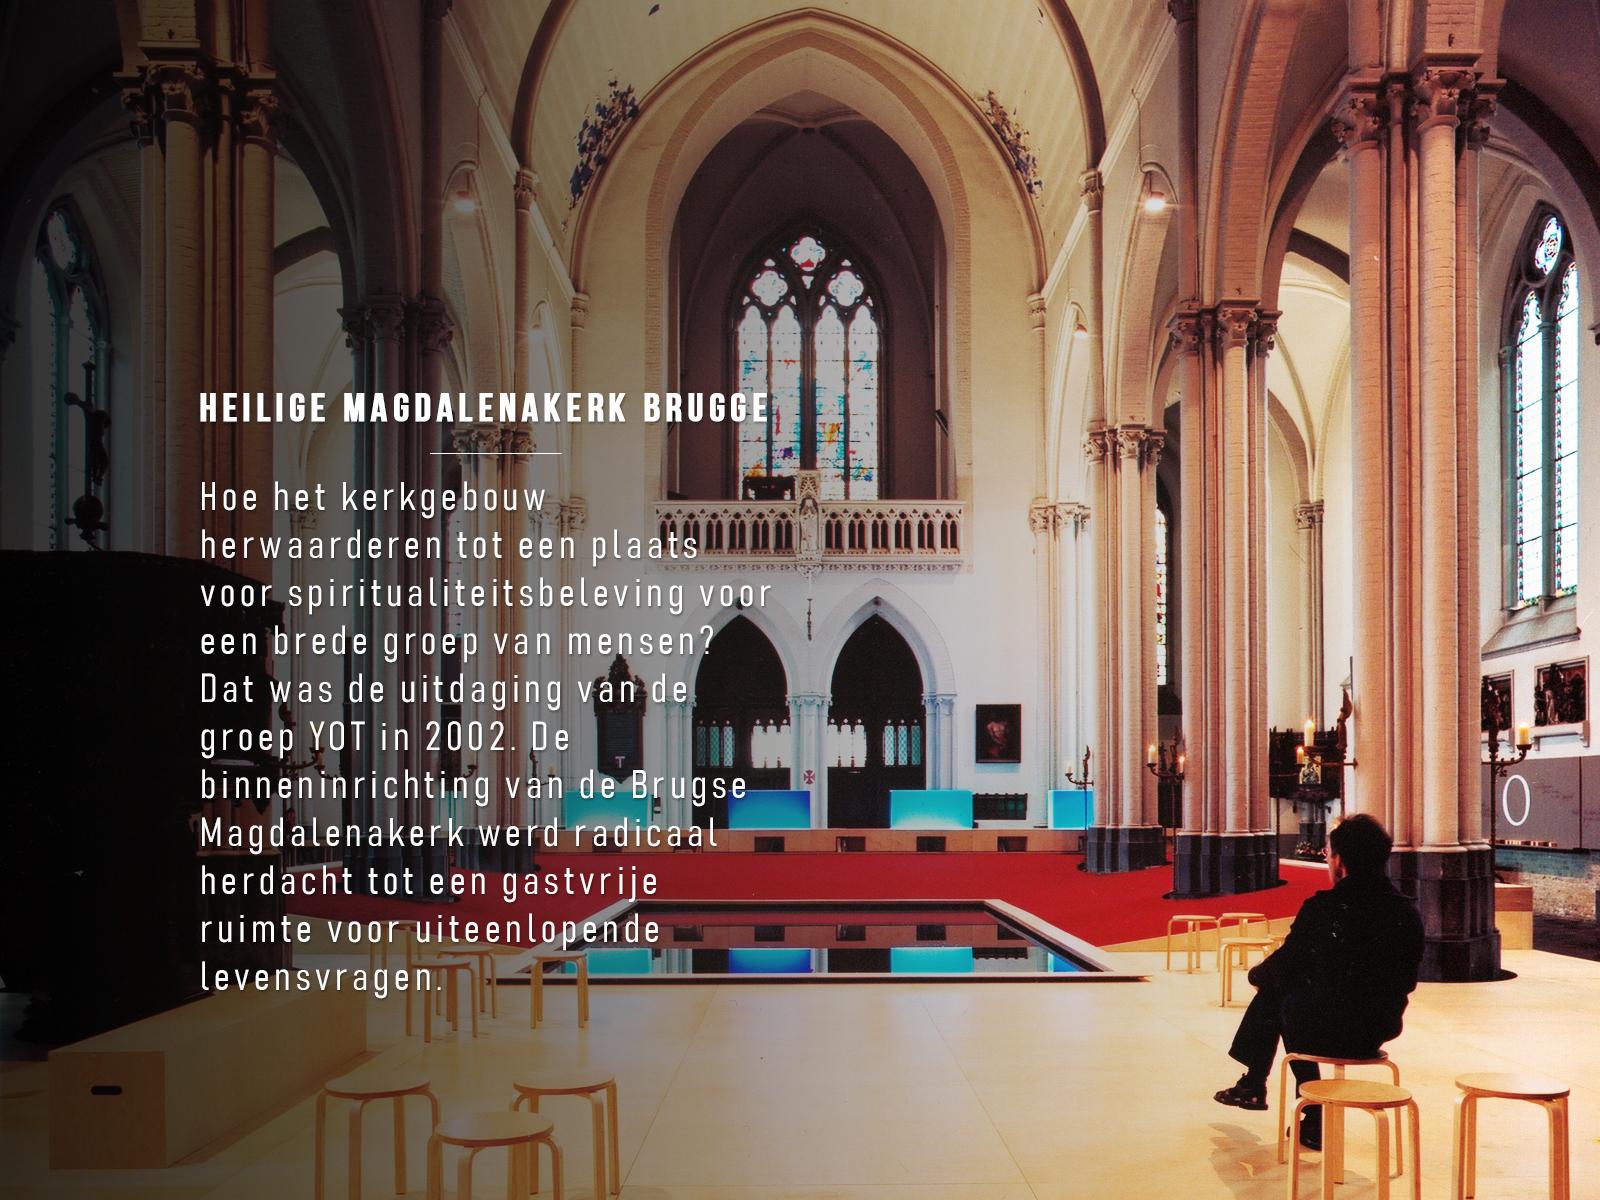 Heilige Magdalenakerk Brugge © Foto Yot vzw